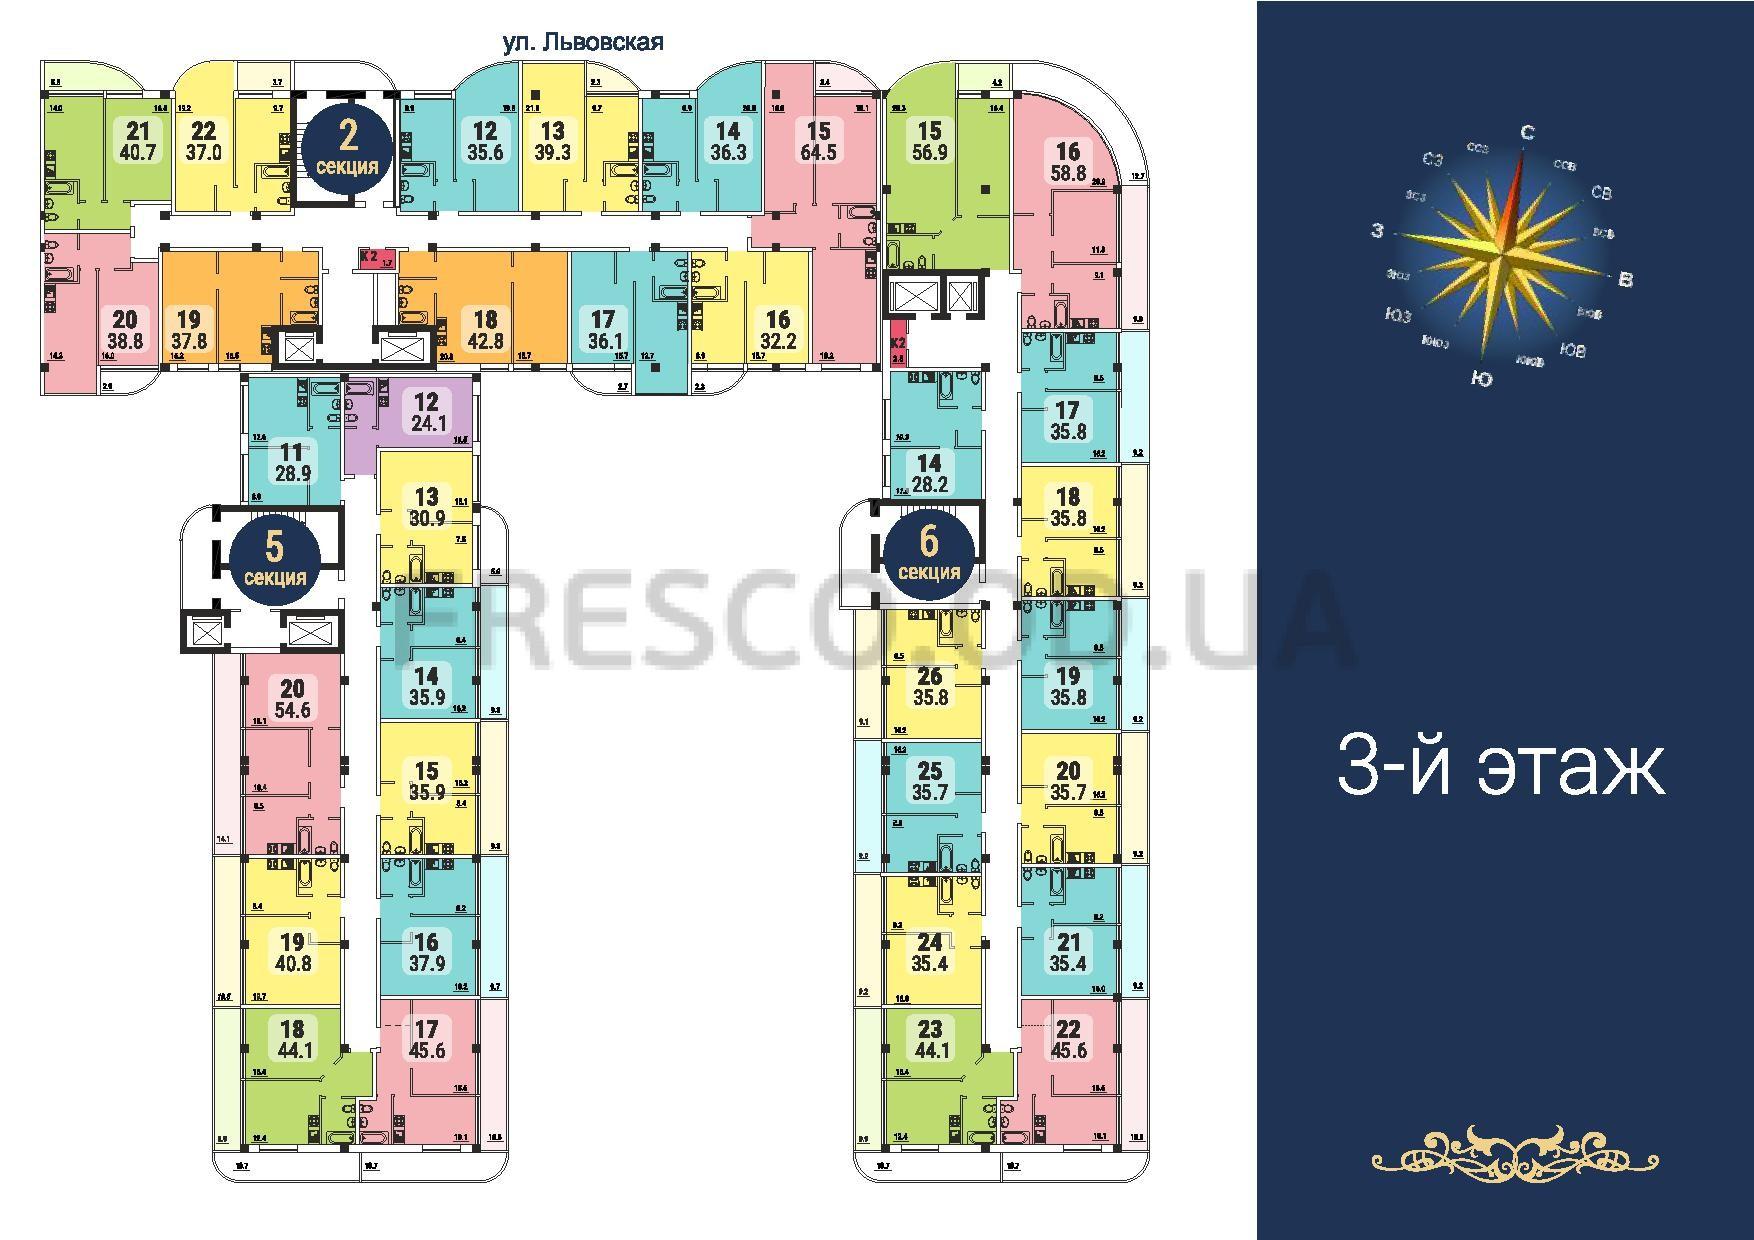 ЖК Море секции 2,5,6 план 3 этажа